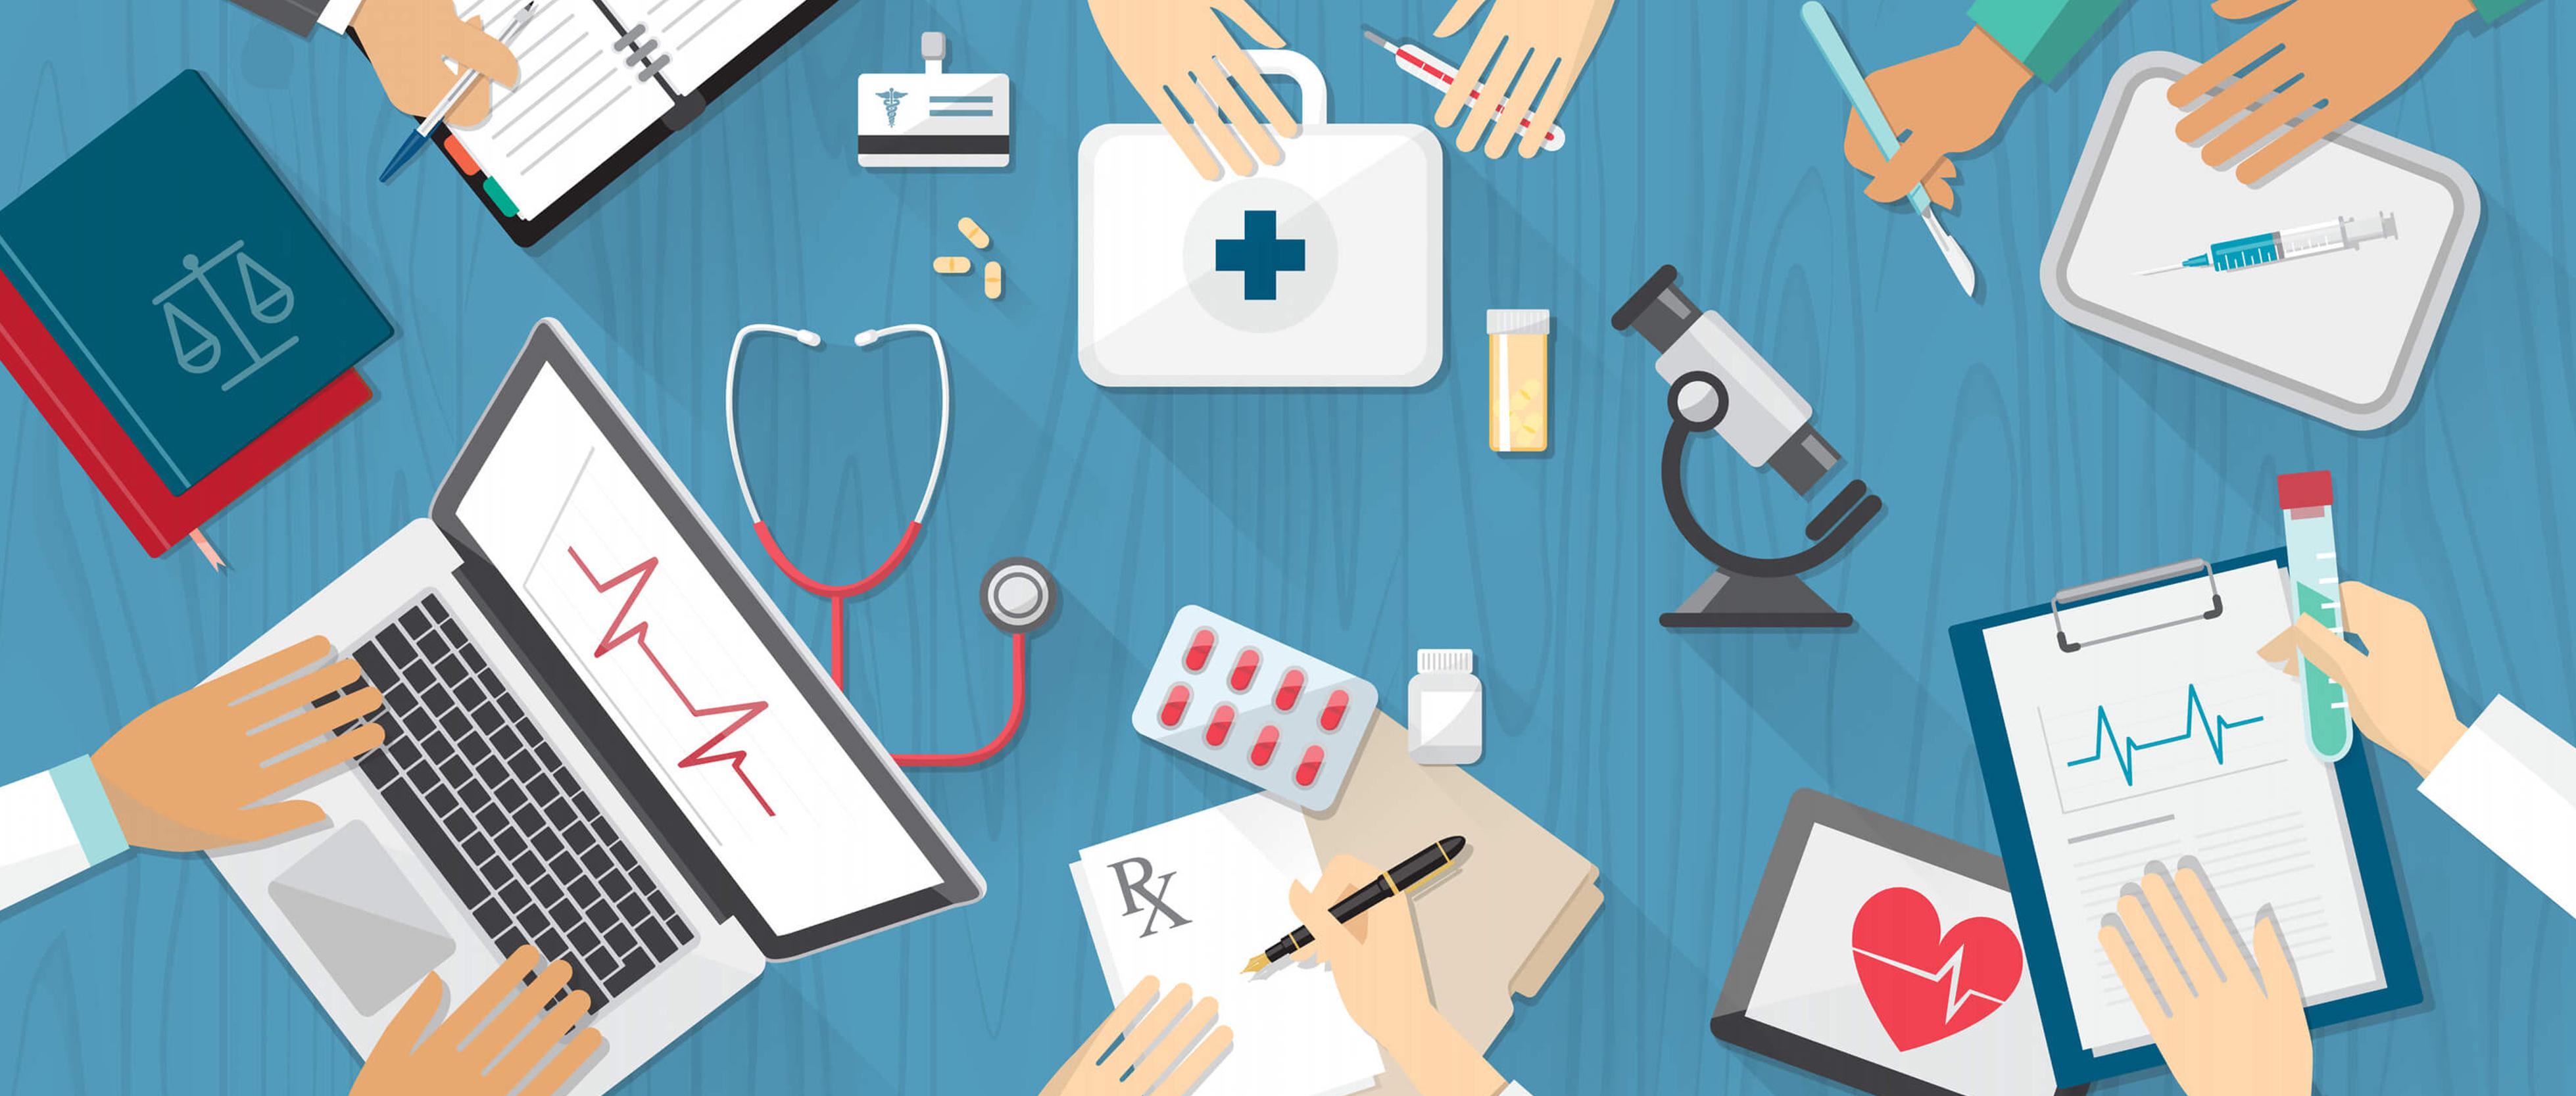 6 ابتكارات ستغيّر وجه الرعاية الصحية في 2018